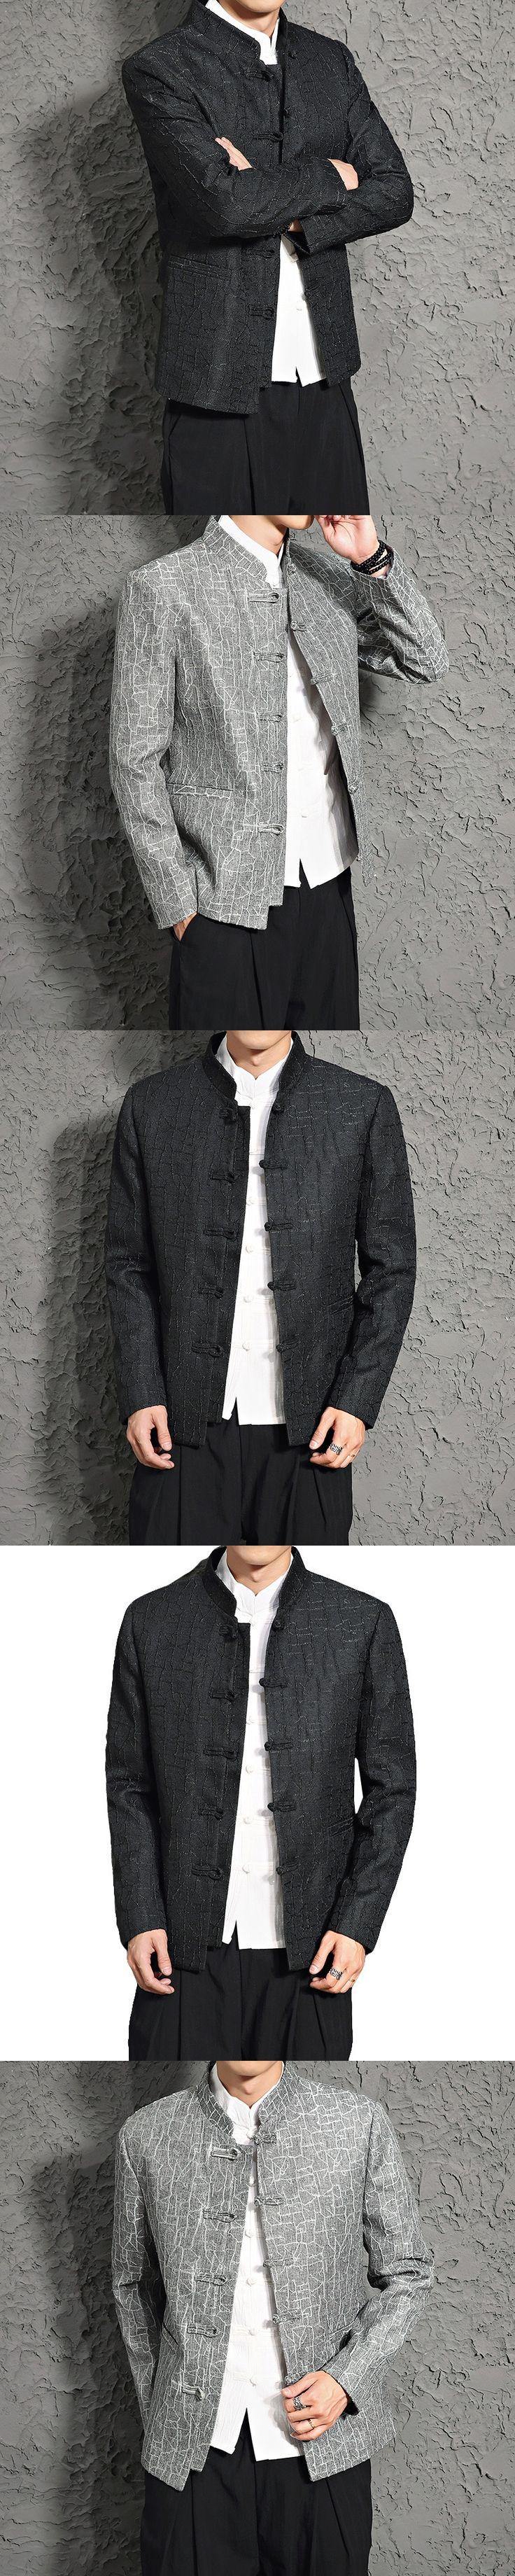 2017 Hot Sale Regular Half Men Blazer Blazer Masculino New Winter Coat, Men Wind Linen Suit Slim Chinese Costume